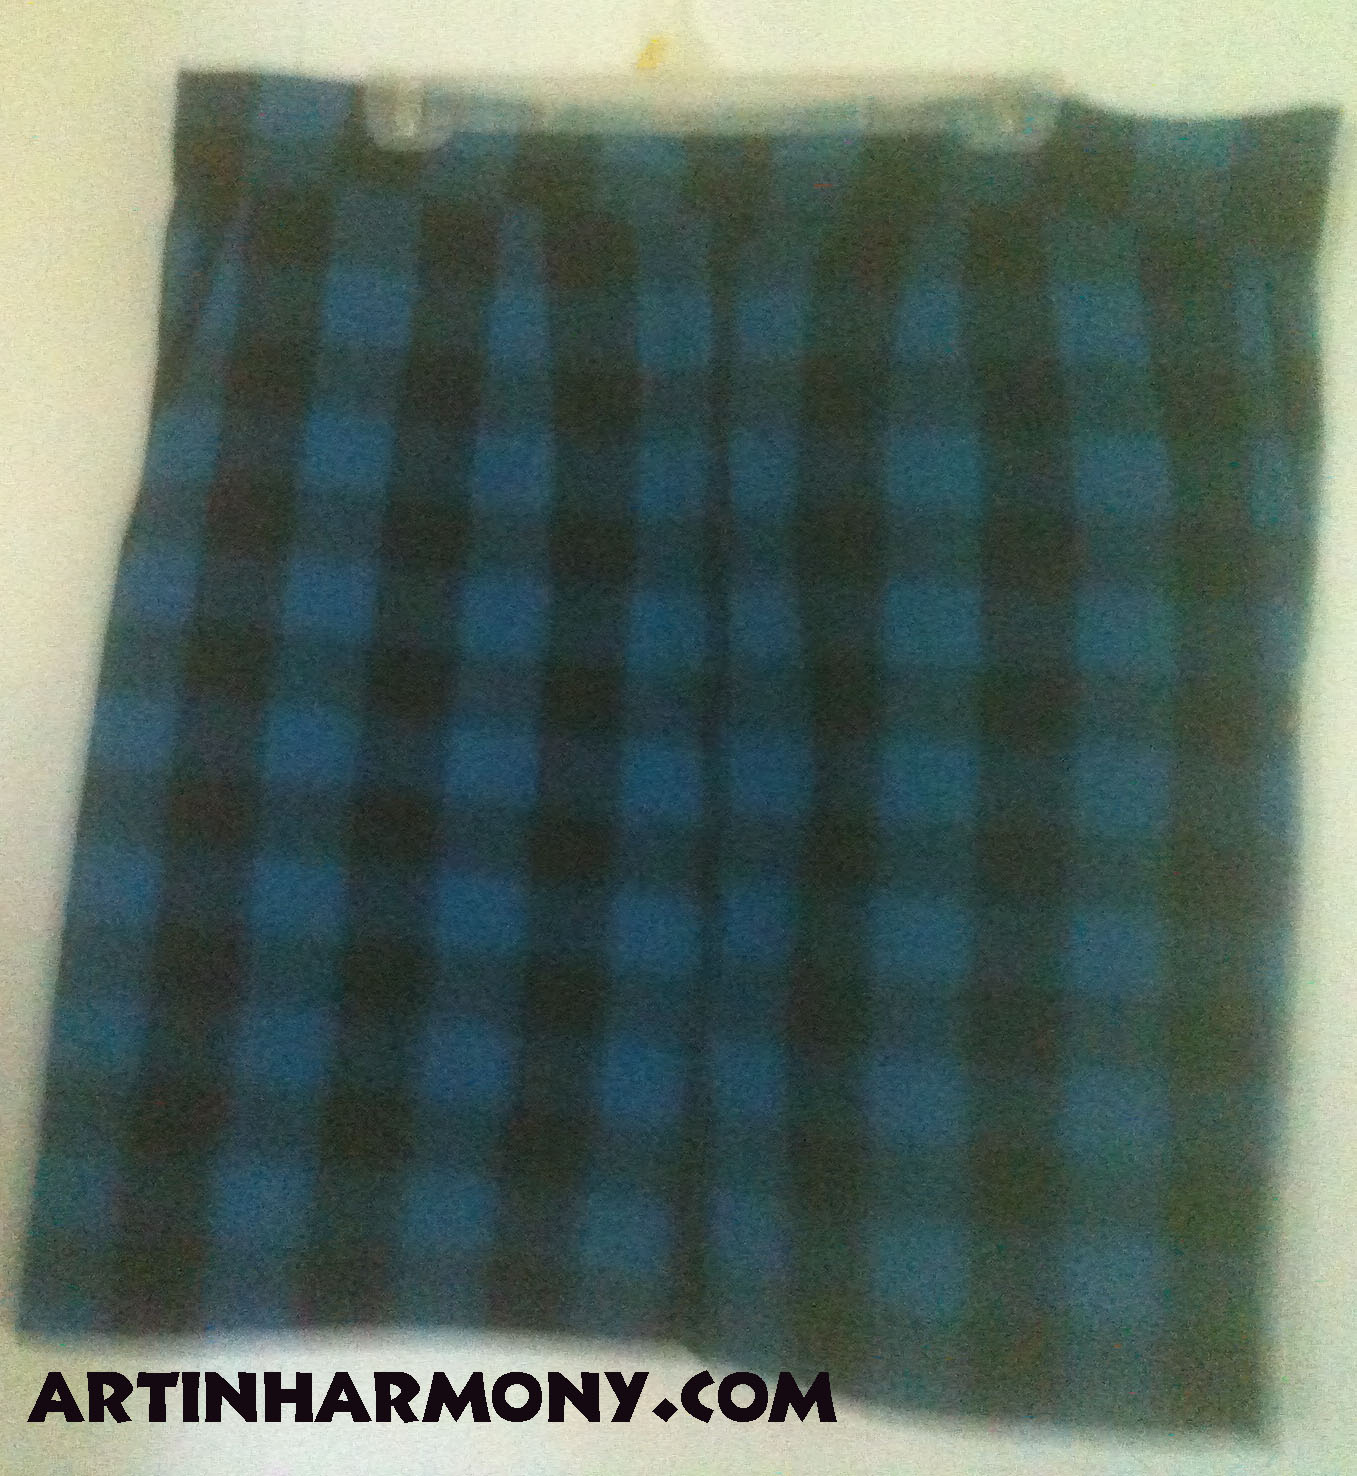 Custom Made Clothing Made in USA by Artinharmony.com